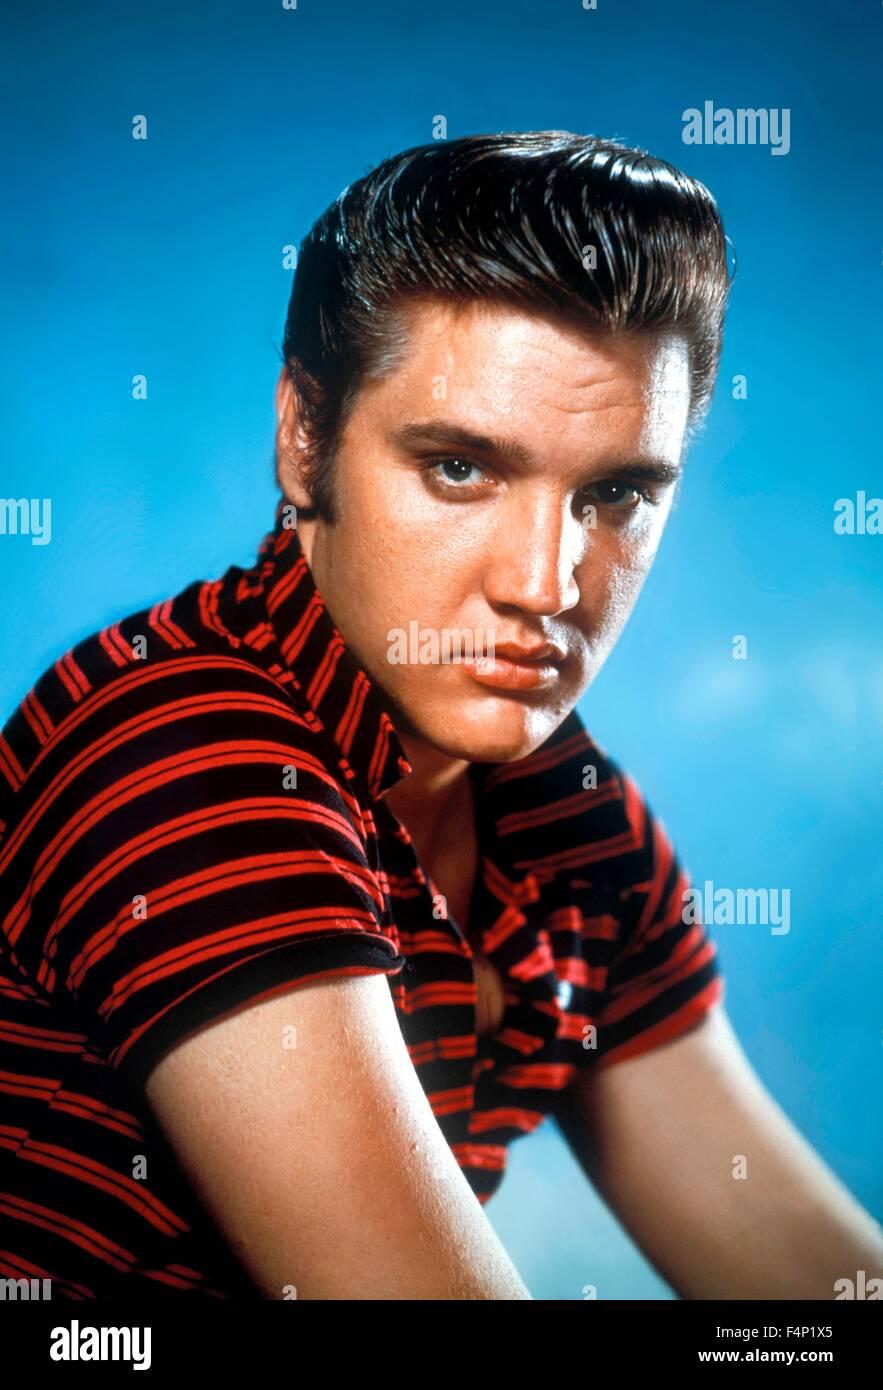 Elvis Presley in 1956 - Stock Image